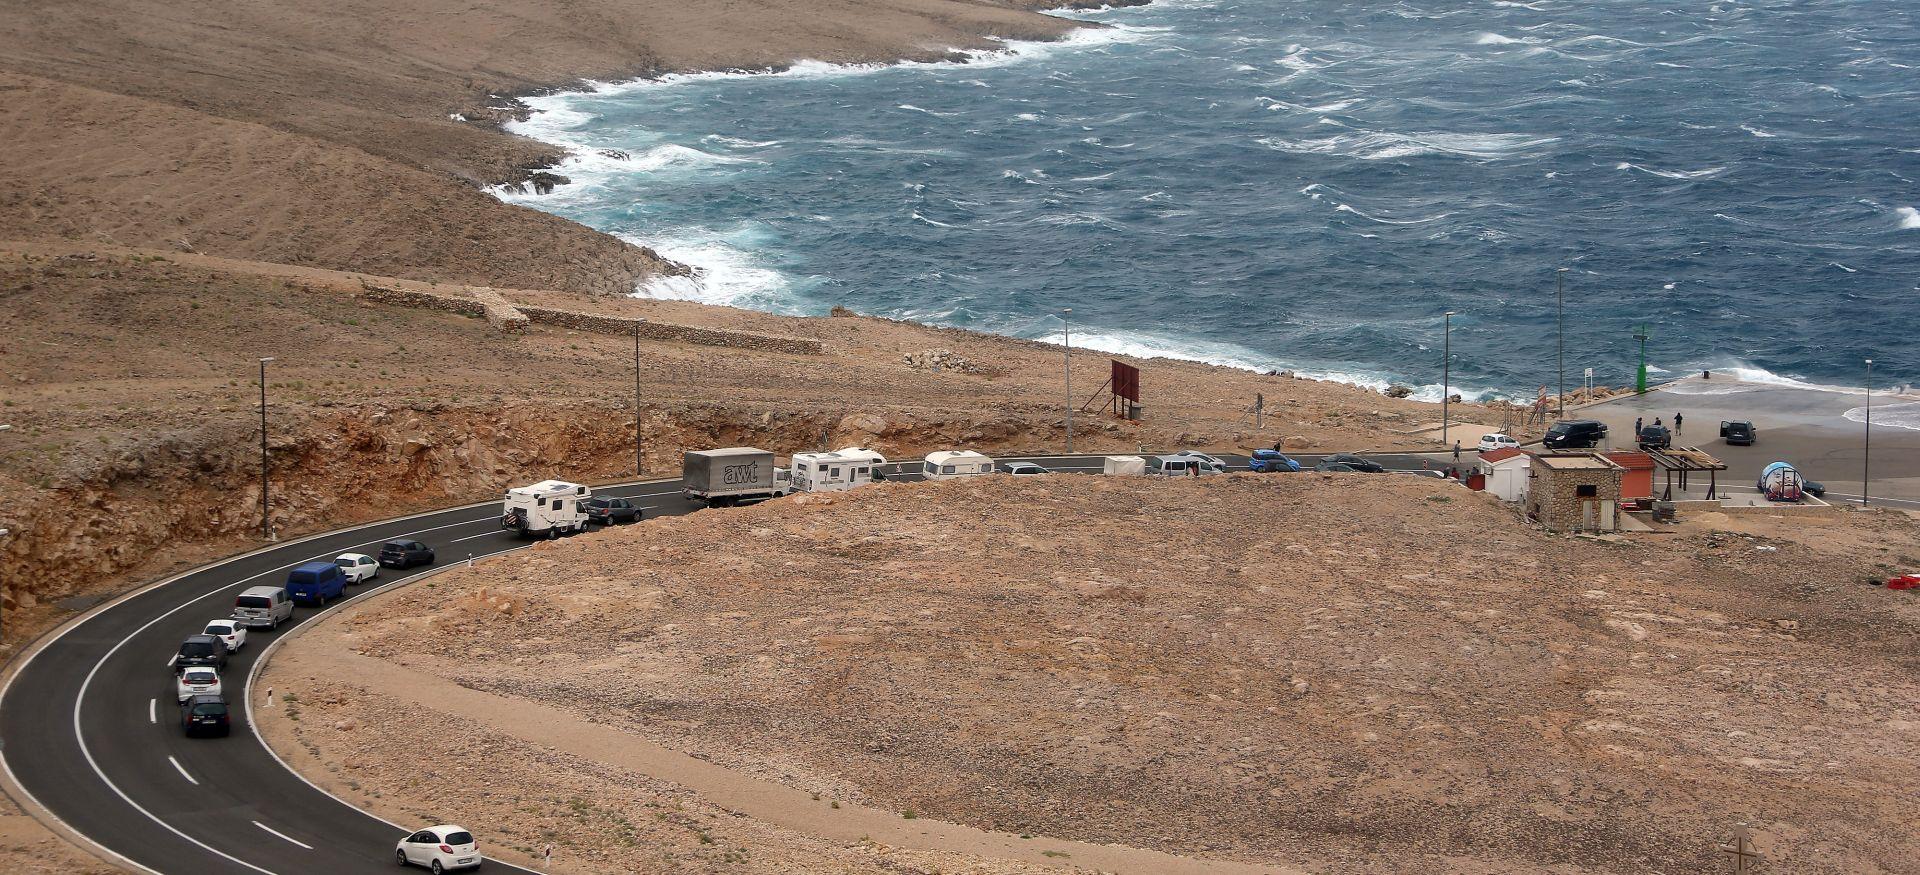 Olujna bura otežava cestovni i pomorski promet, očekuju se gužve tijekom dana